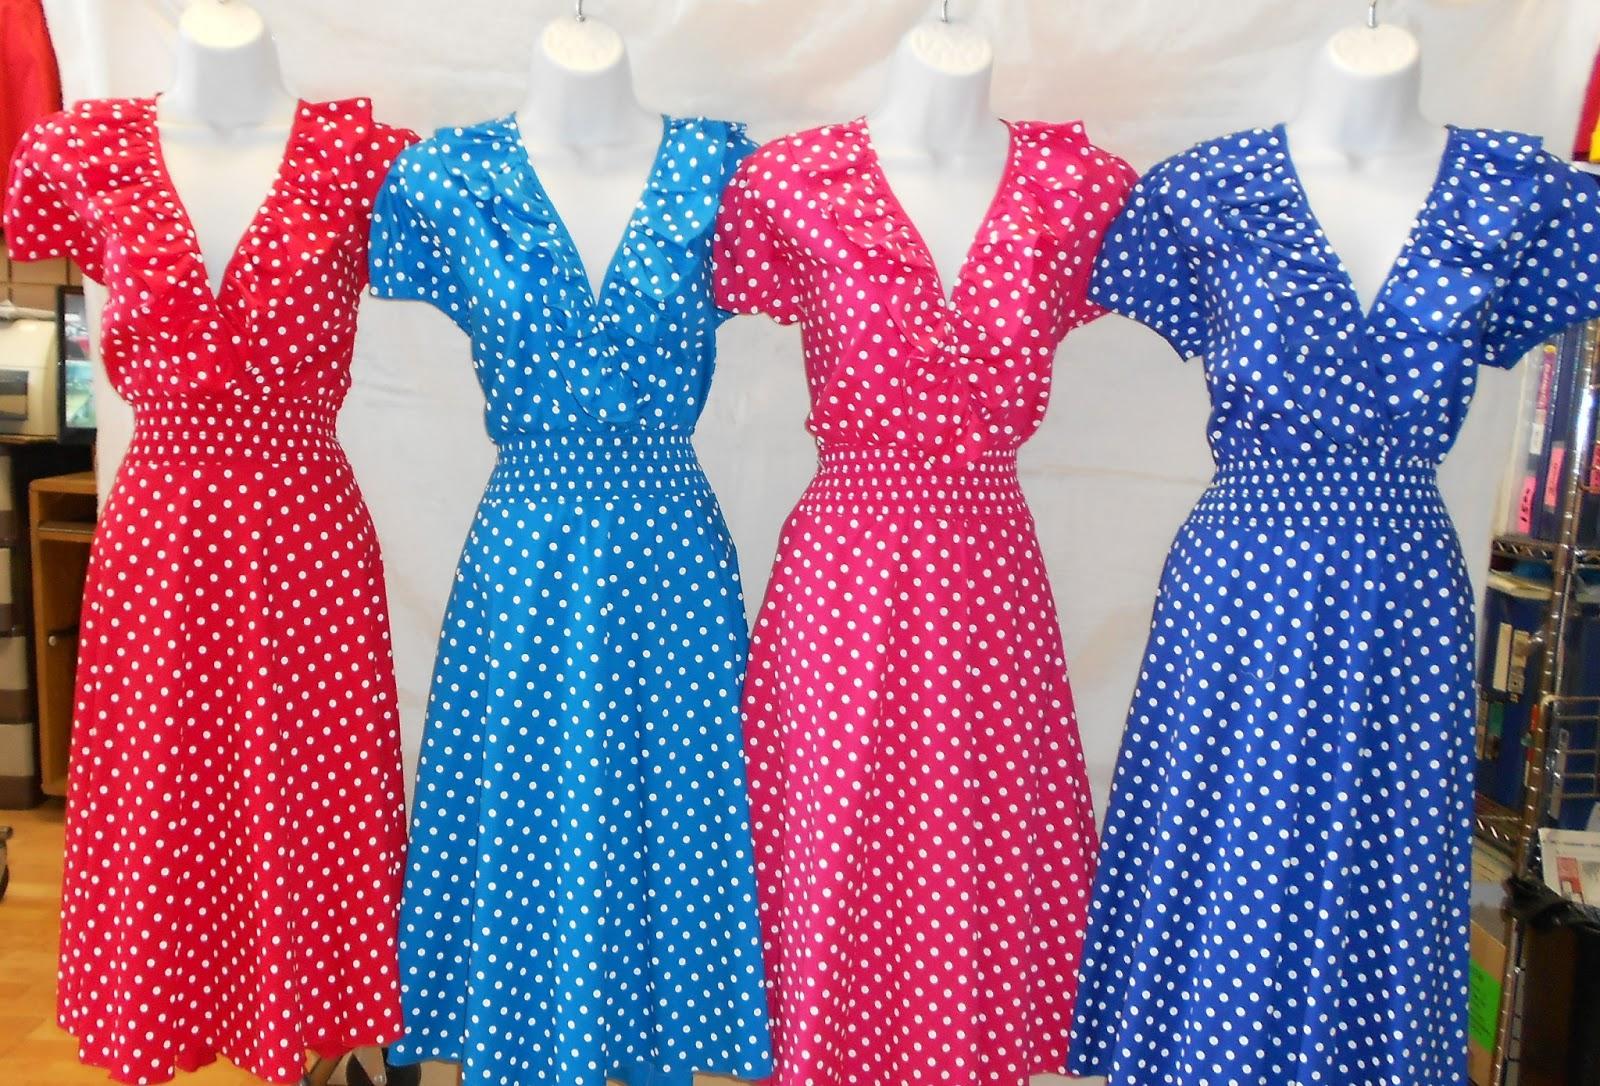 Plus size vintage dresses los angeles pictures - Vintage Style ...